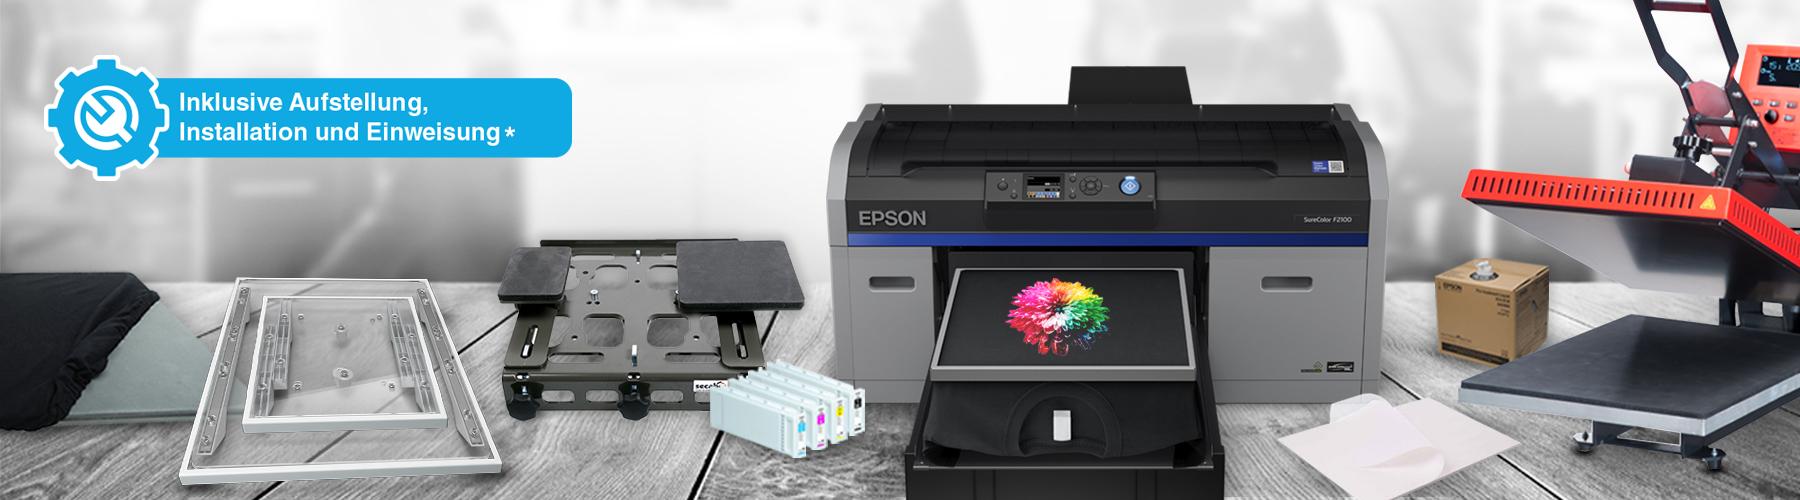 Epson Surecolor SC-F2100 - Starterpaket Pro